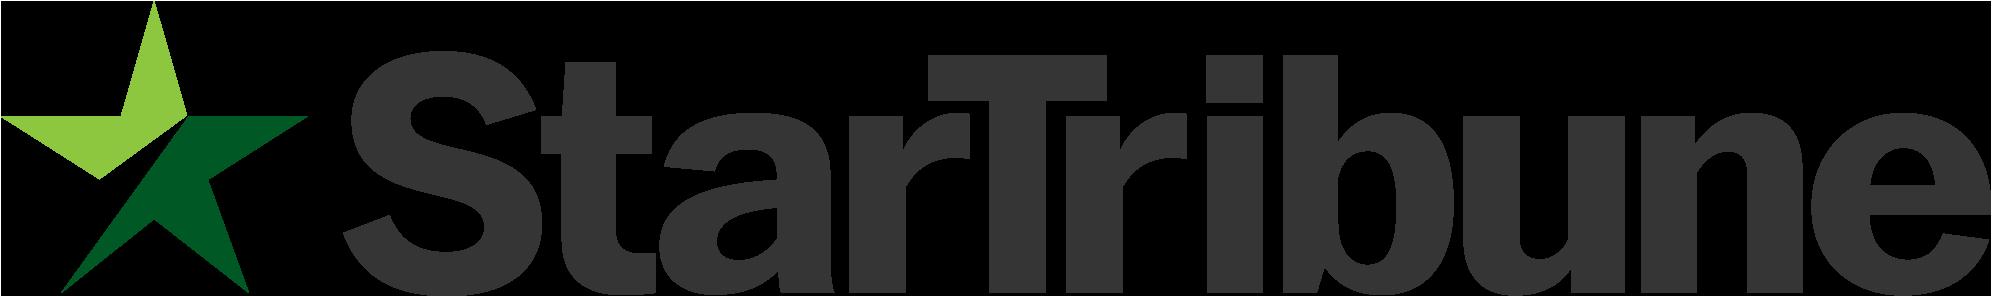 Northern Brewer - Star Tribune